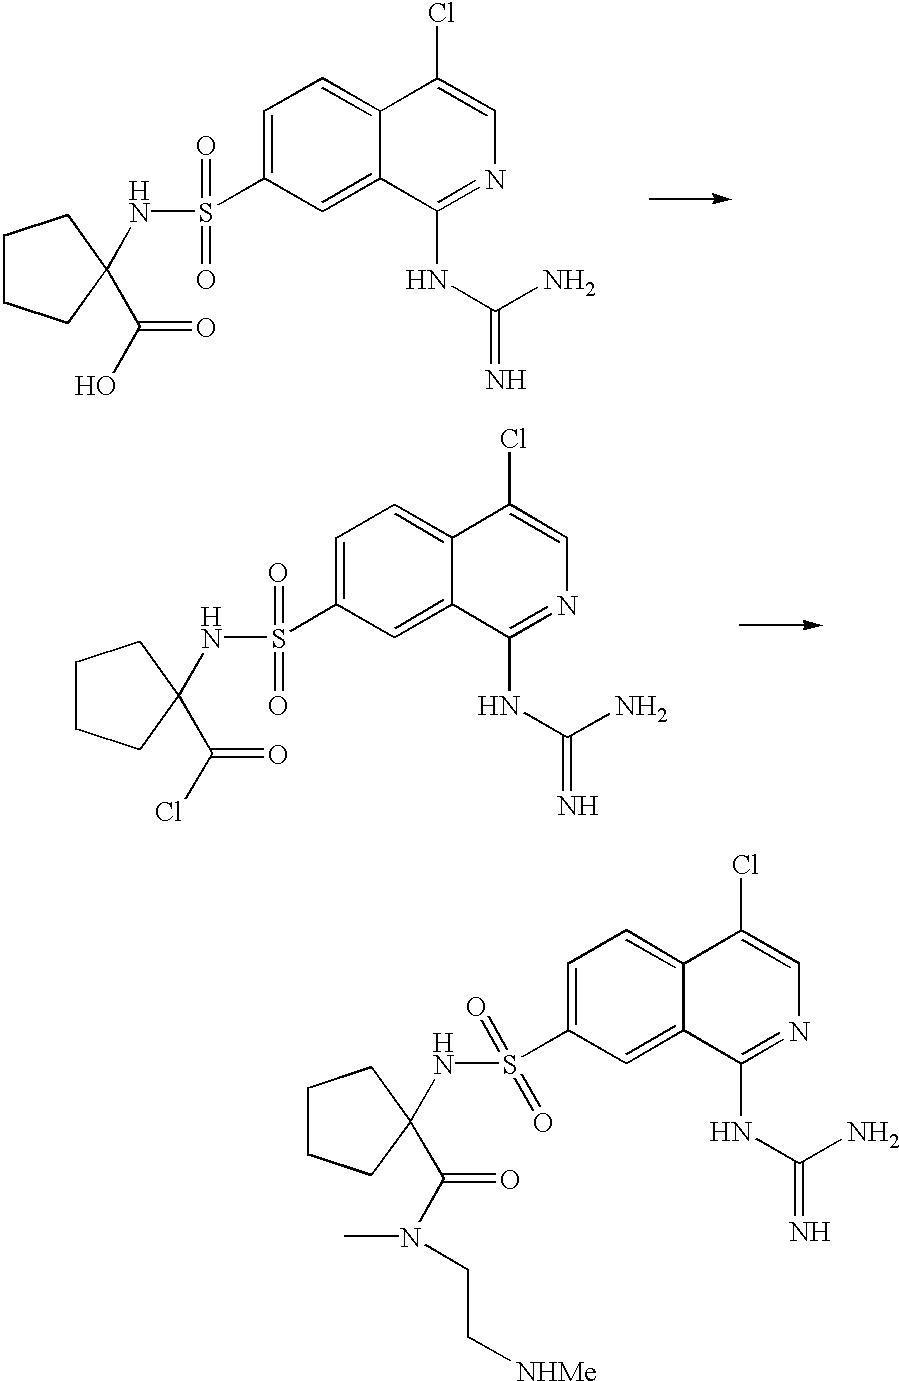 Figure US20030199440A1-20031023-C00110